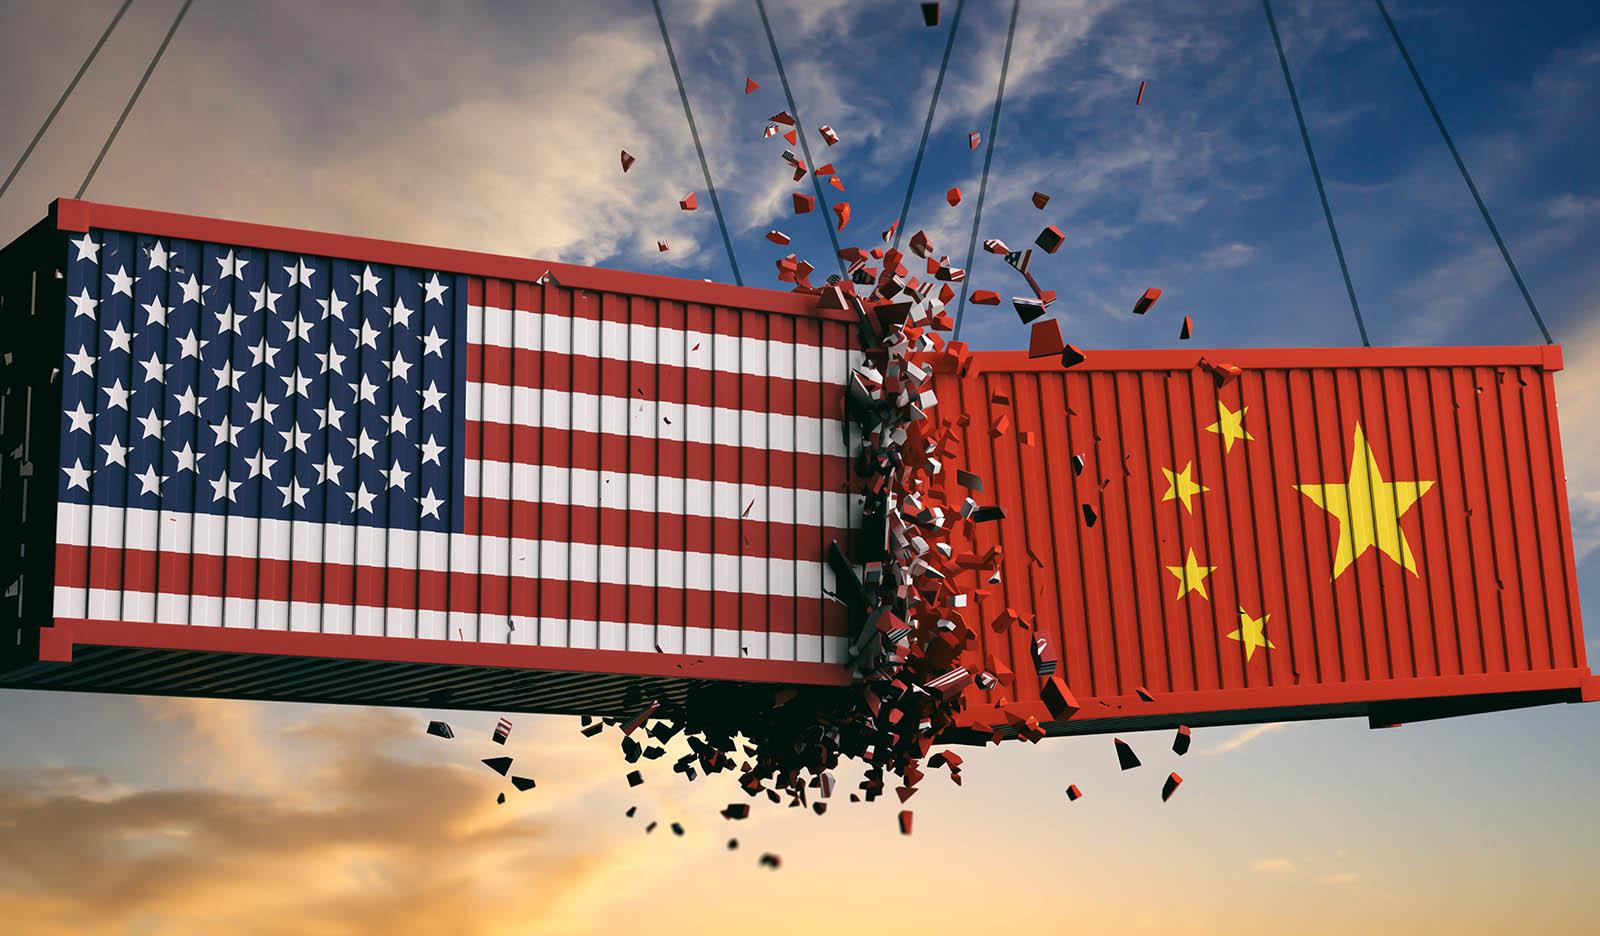 Donald Trump da su último golpe a Huawei y cancela licencia para trabajar con fabricantes asociados